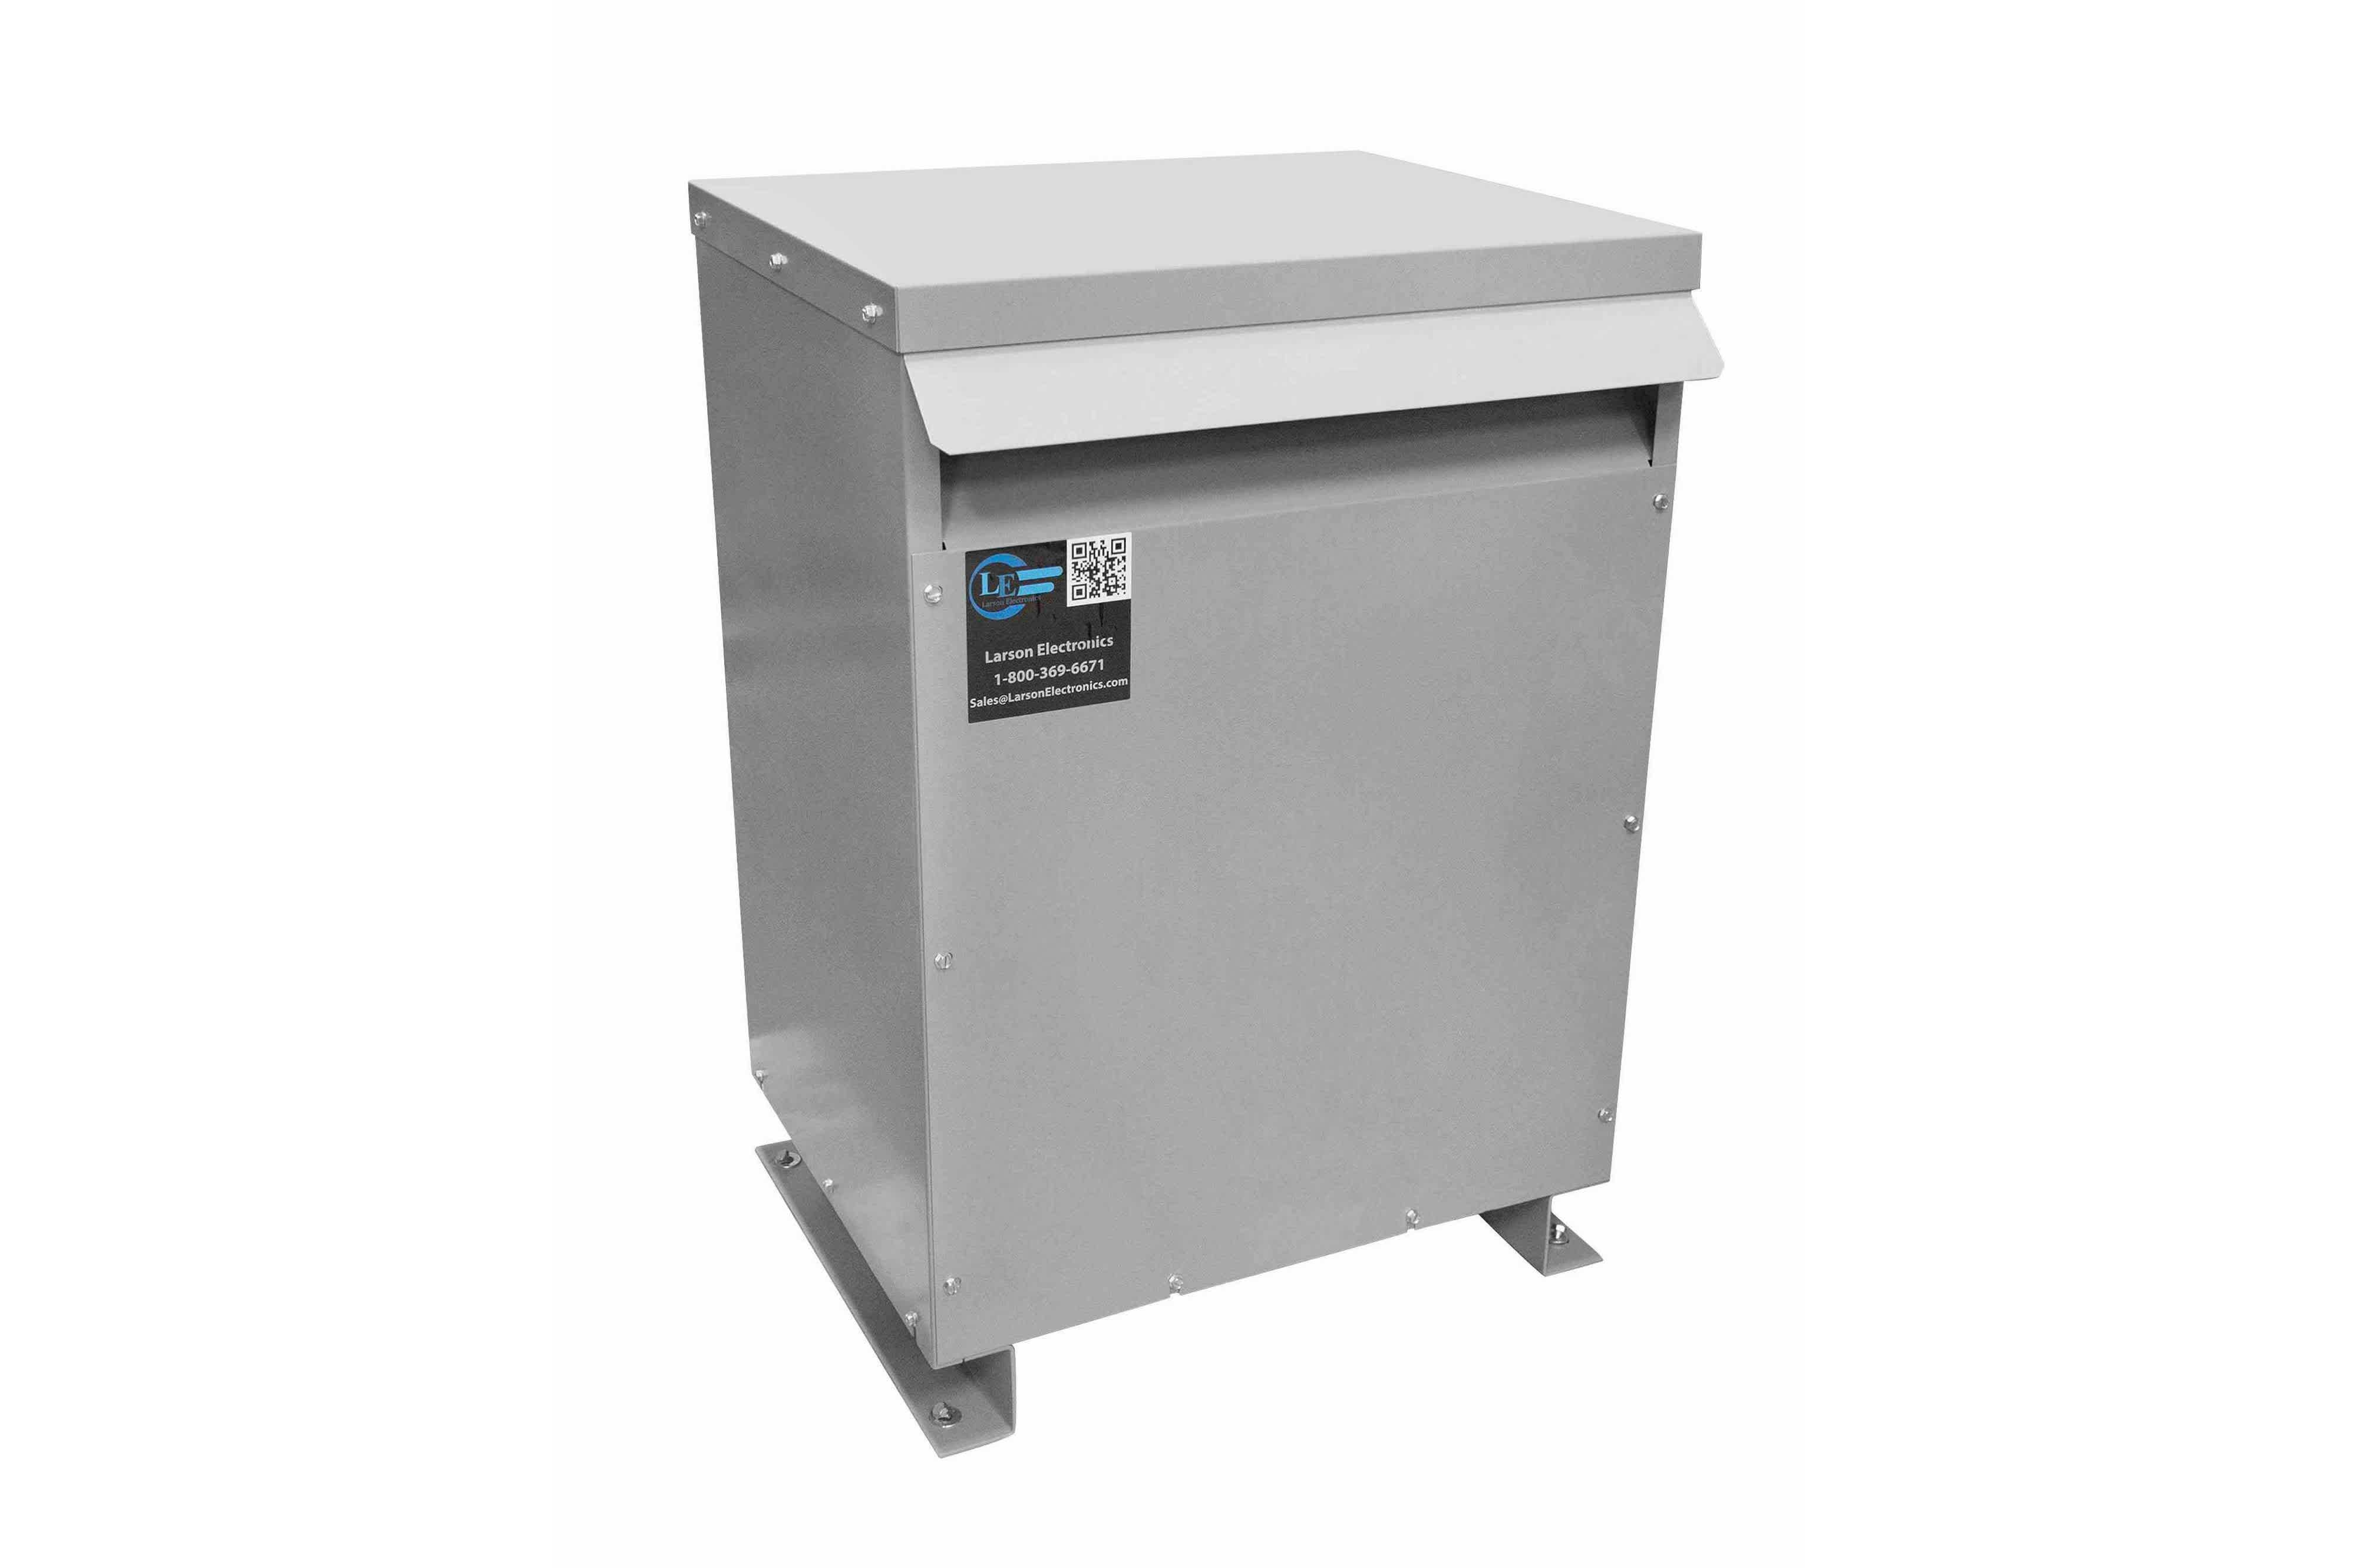 1000 kVA 3PH Isolation Transformer, 400V Delta Primary, 600V Delta Secondary, N3R, Ventilated, 60 Hz